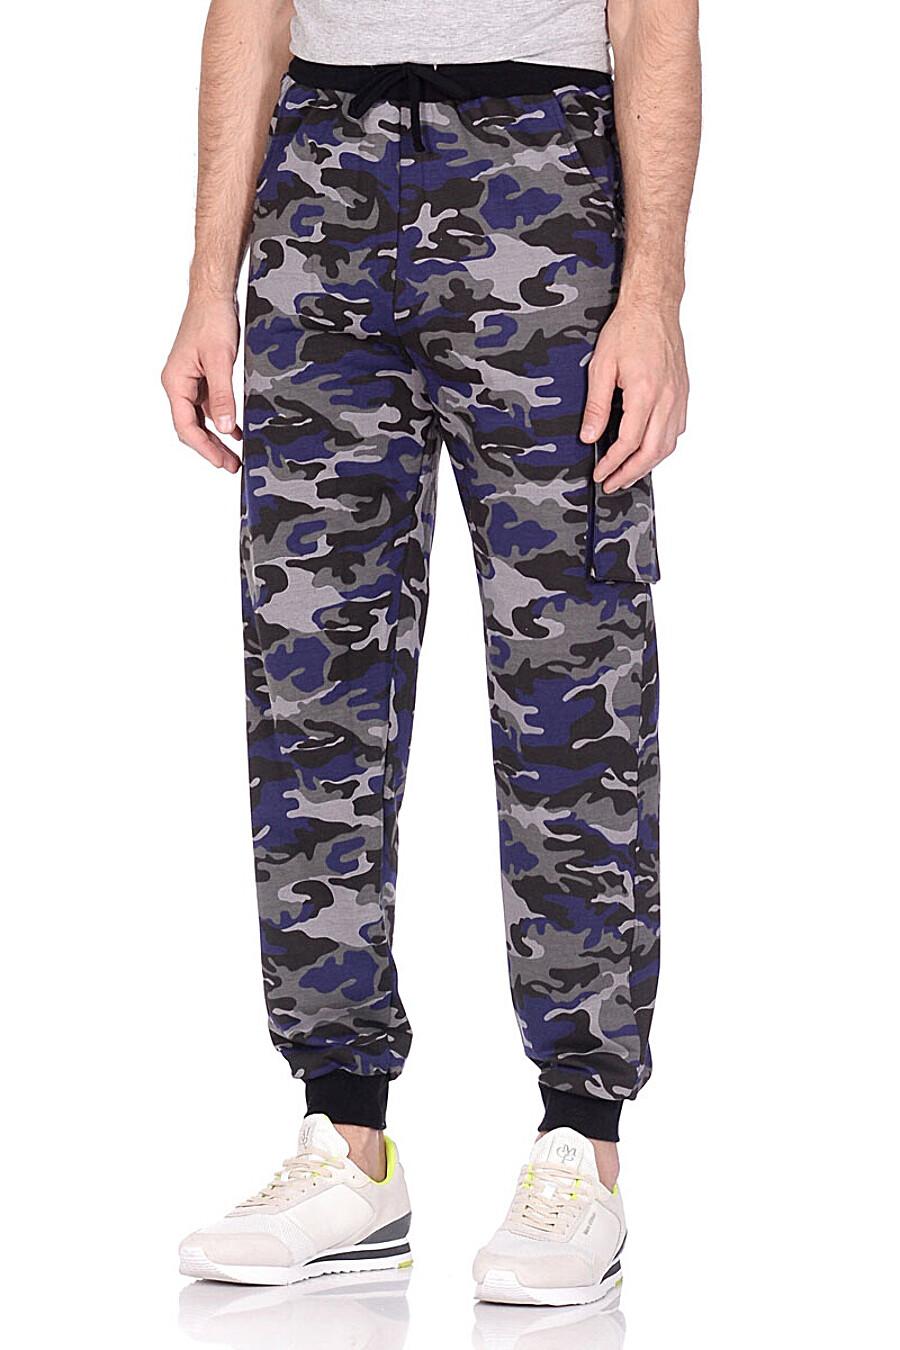 Брюки для мужчин N.O.A. 700448 купить оптом от производителя. Совместная покупка мужской одежды в OptMoyo